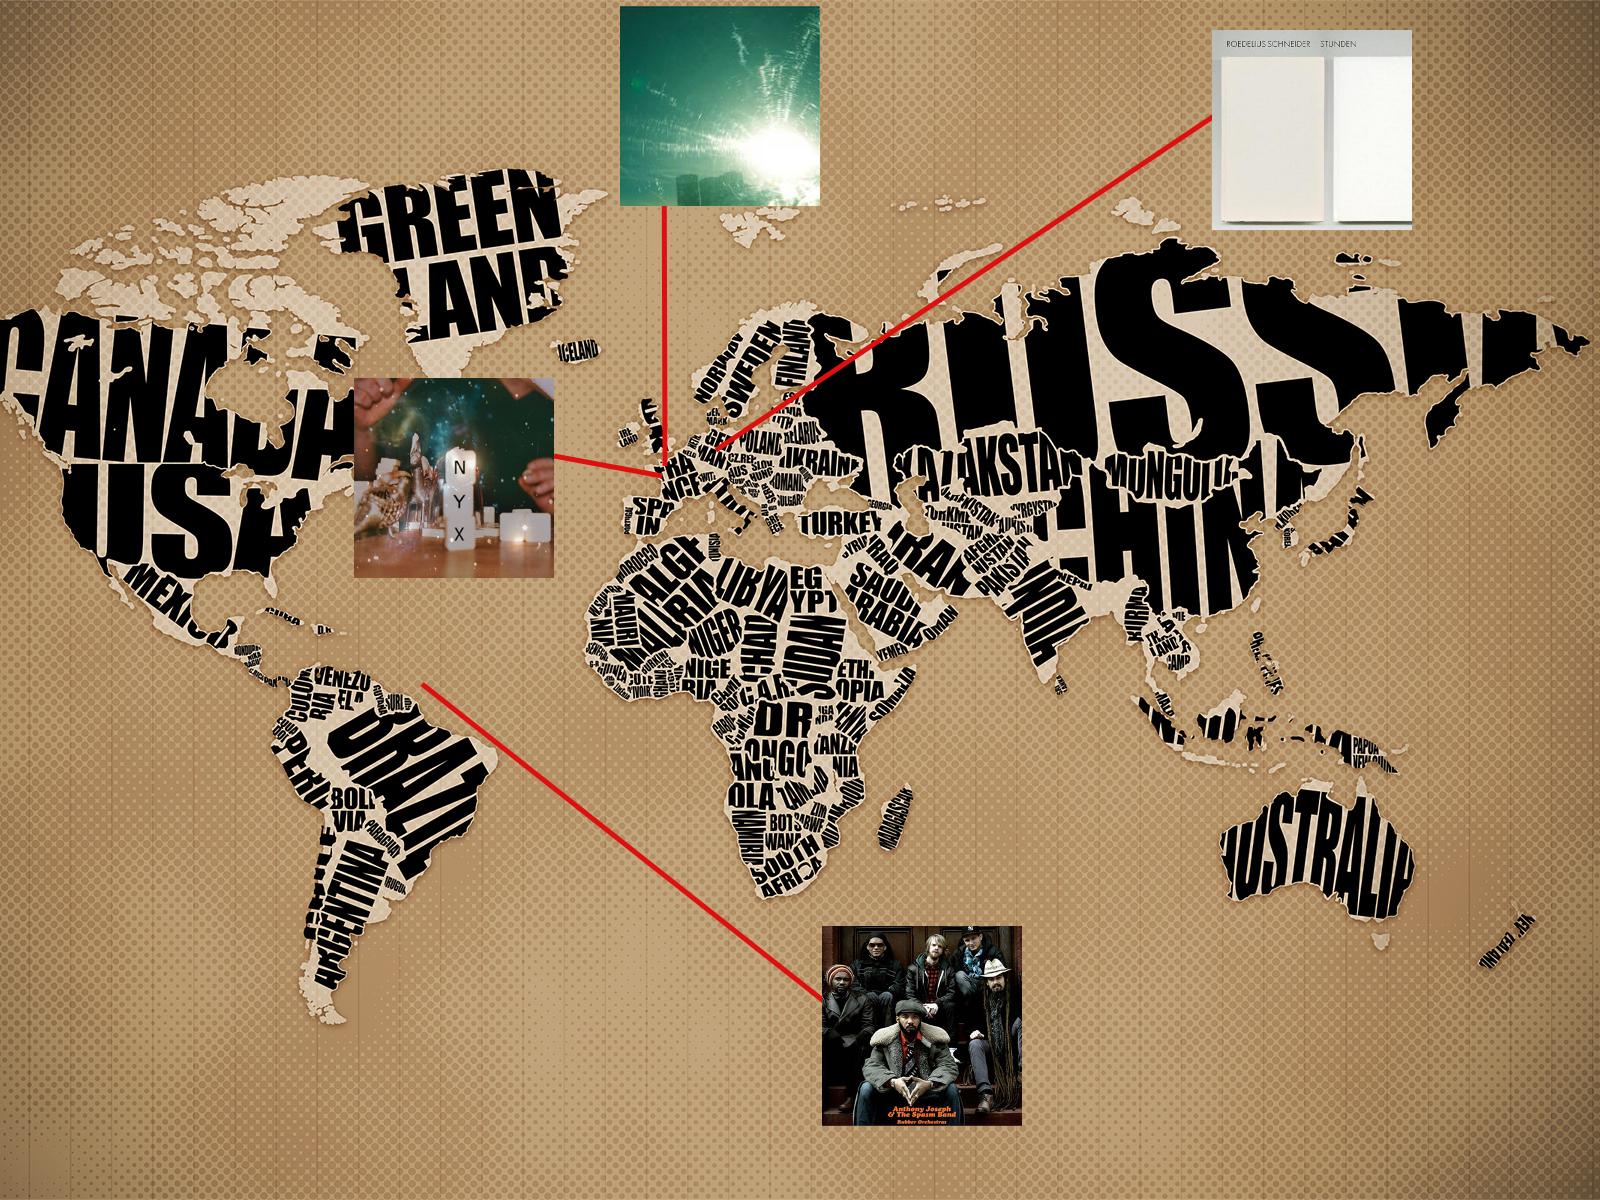 Une année 2011 (2) : carré gagnant et carte du monde habité